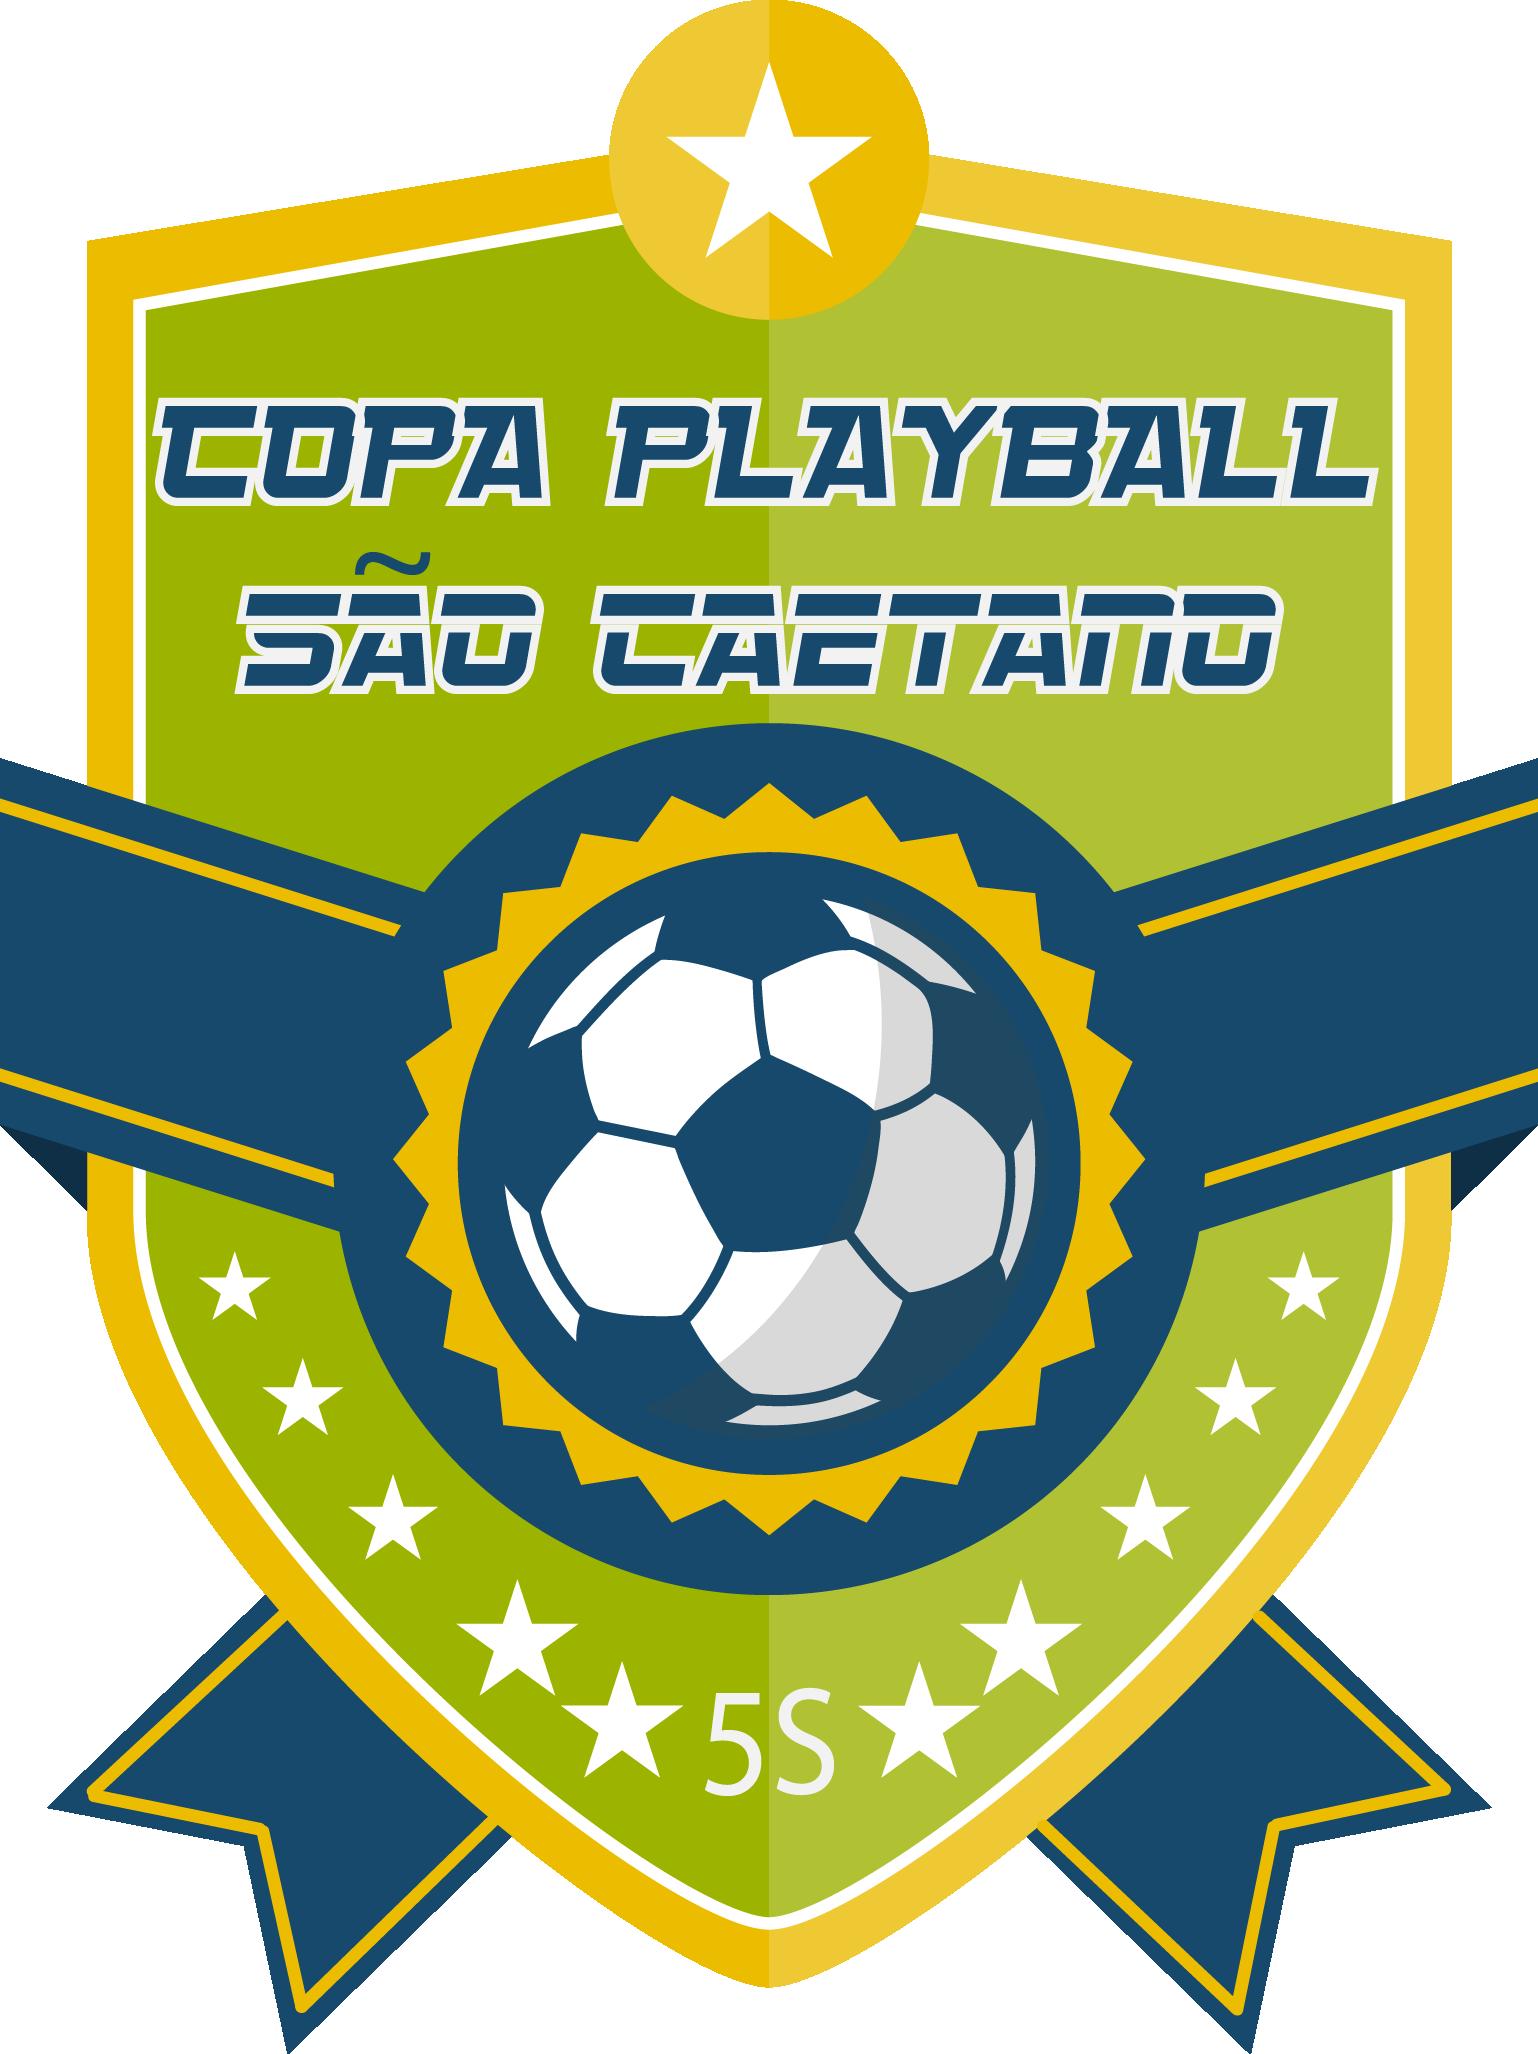 VII Copa Playball São Caetano Série A